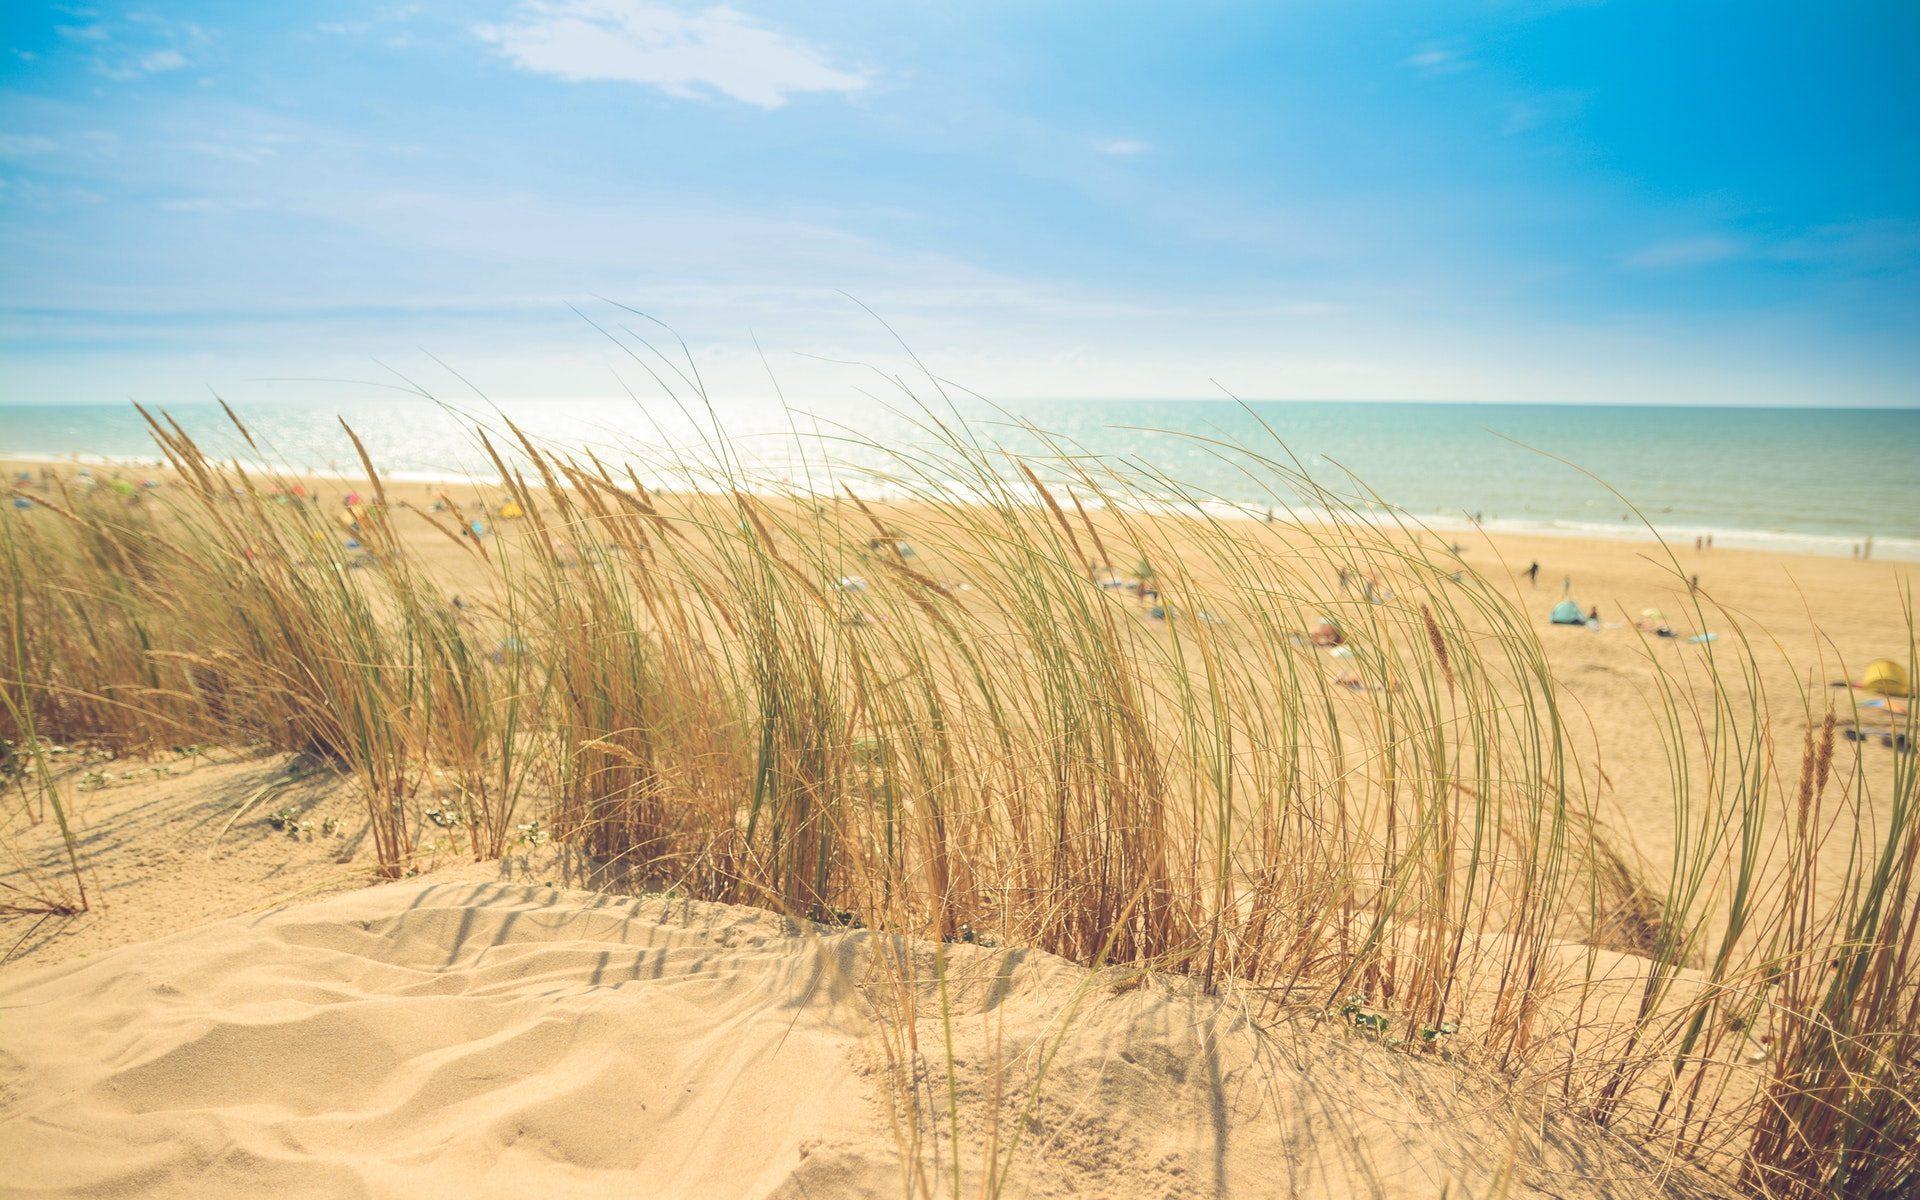 zee-strand-duin-zand-zon